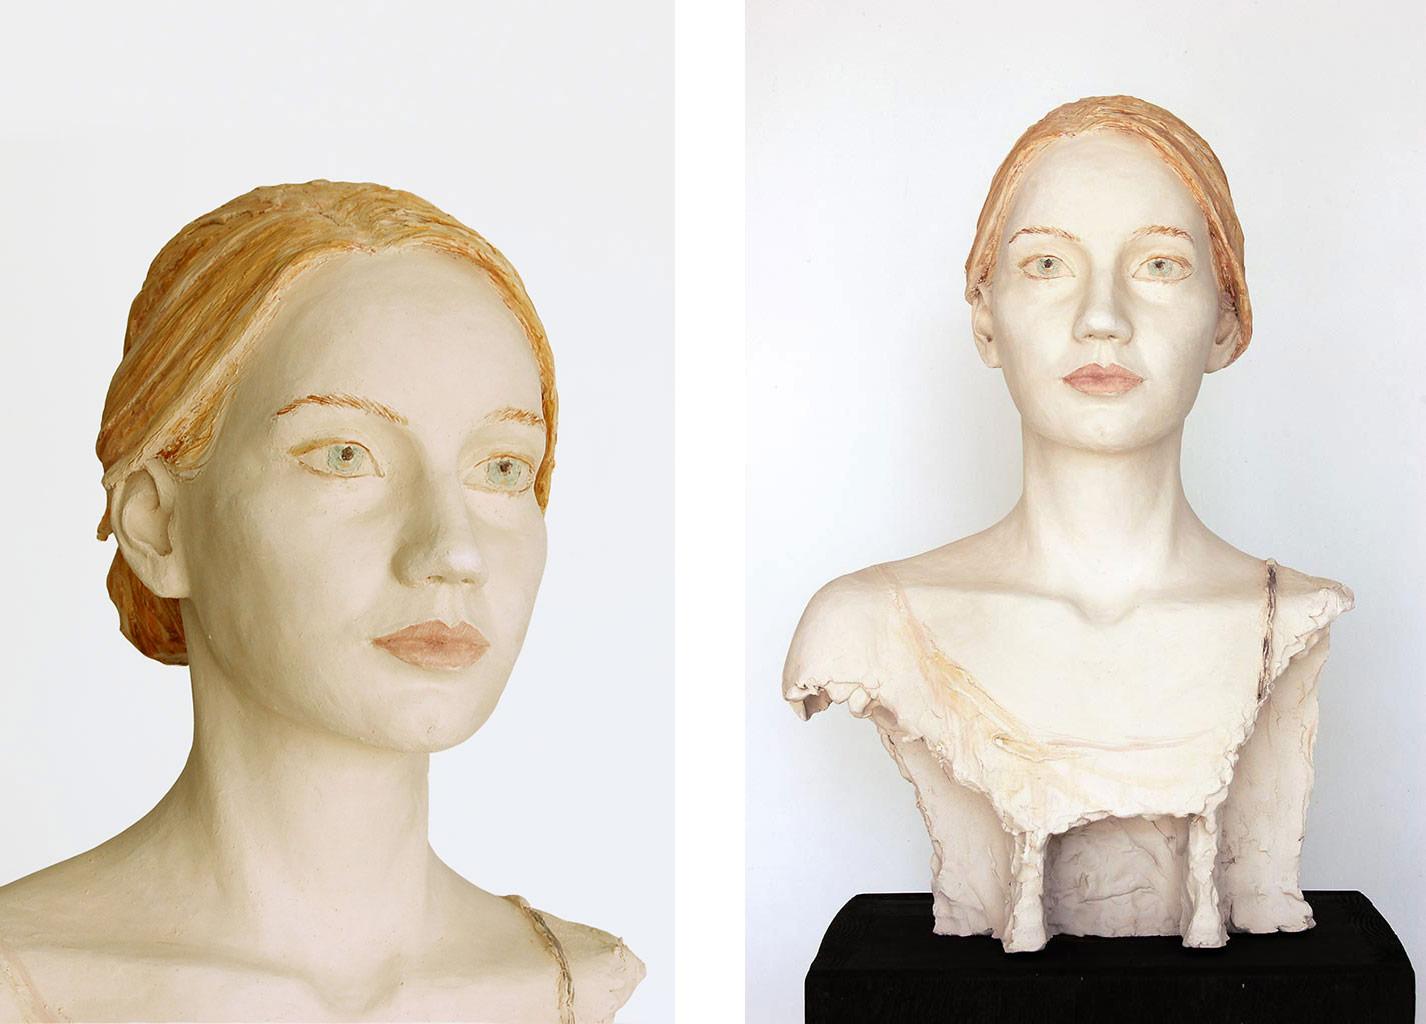 Lena, Terrakotta engobiert, 52x35x30 cm, 2020